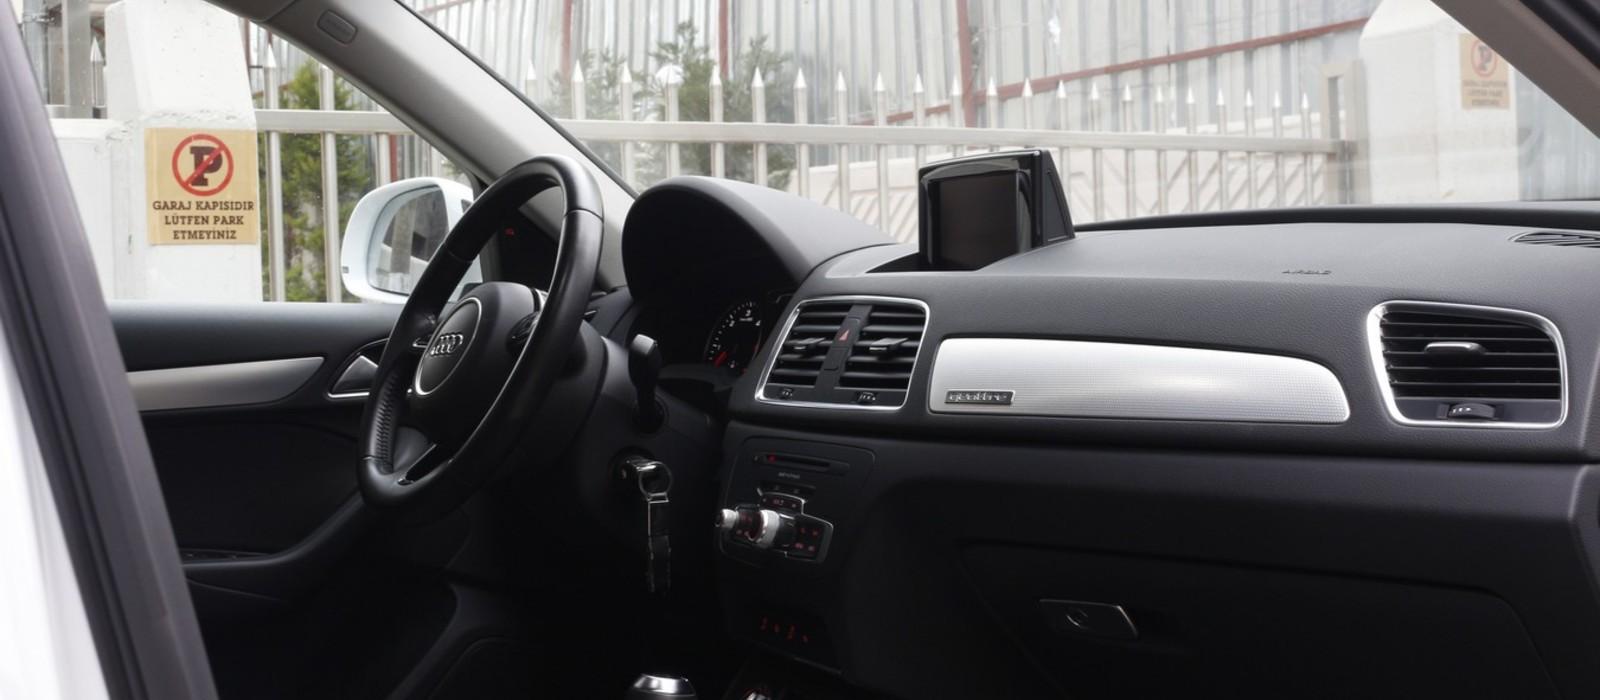 ikinci el araba 2012 Audi Q3 2.0 TDI Dizel Otomatik 79600 KM 13